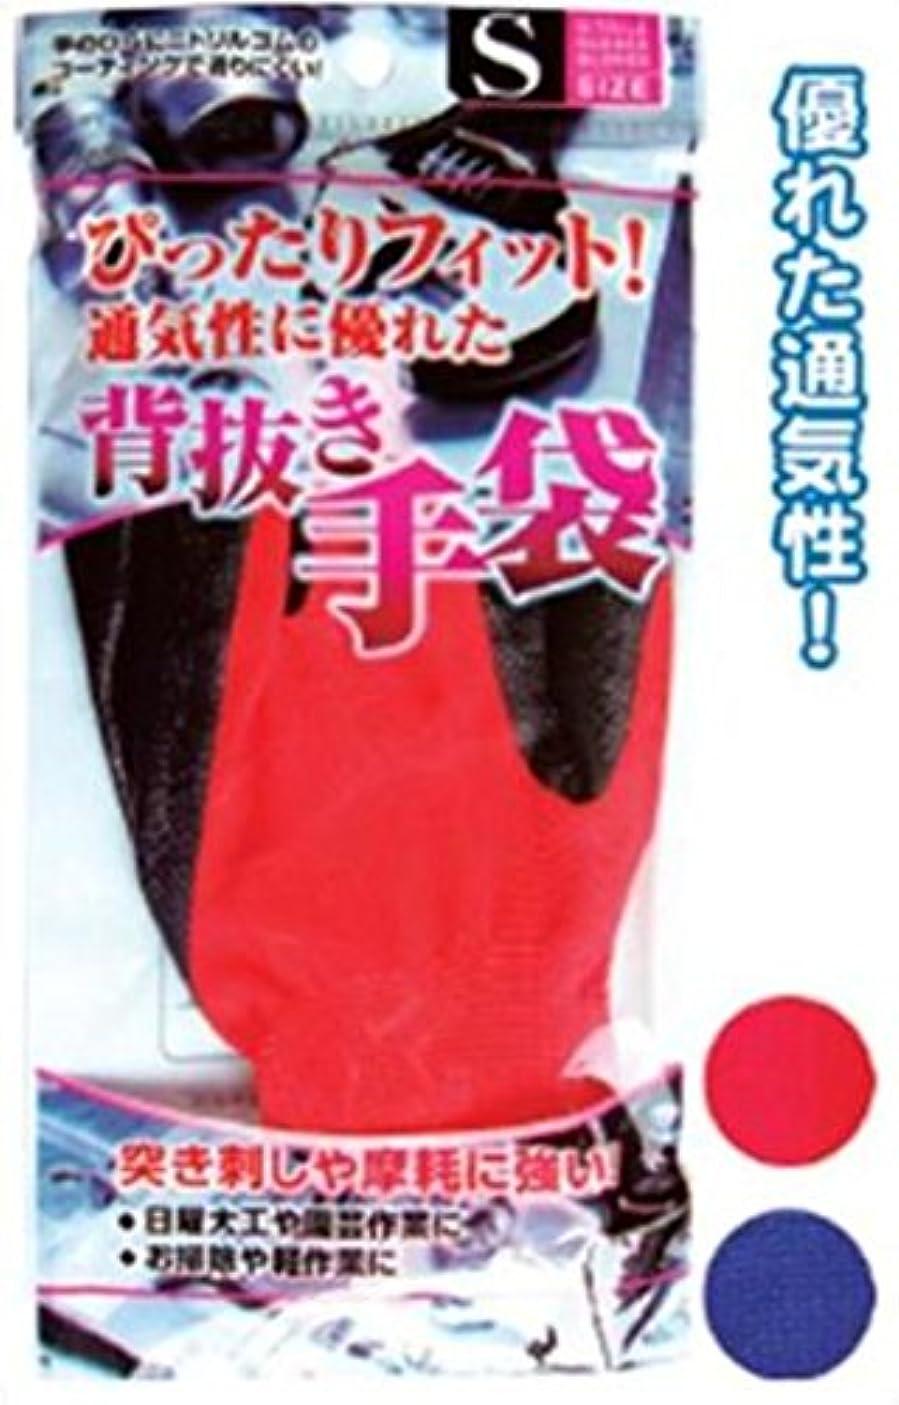 被害者社員入学するぴったりFit滑りにくいニトリルゴム背抜手袋(S) 45-663 【まとめ買い12個セット】